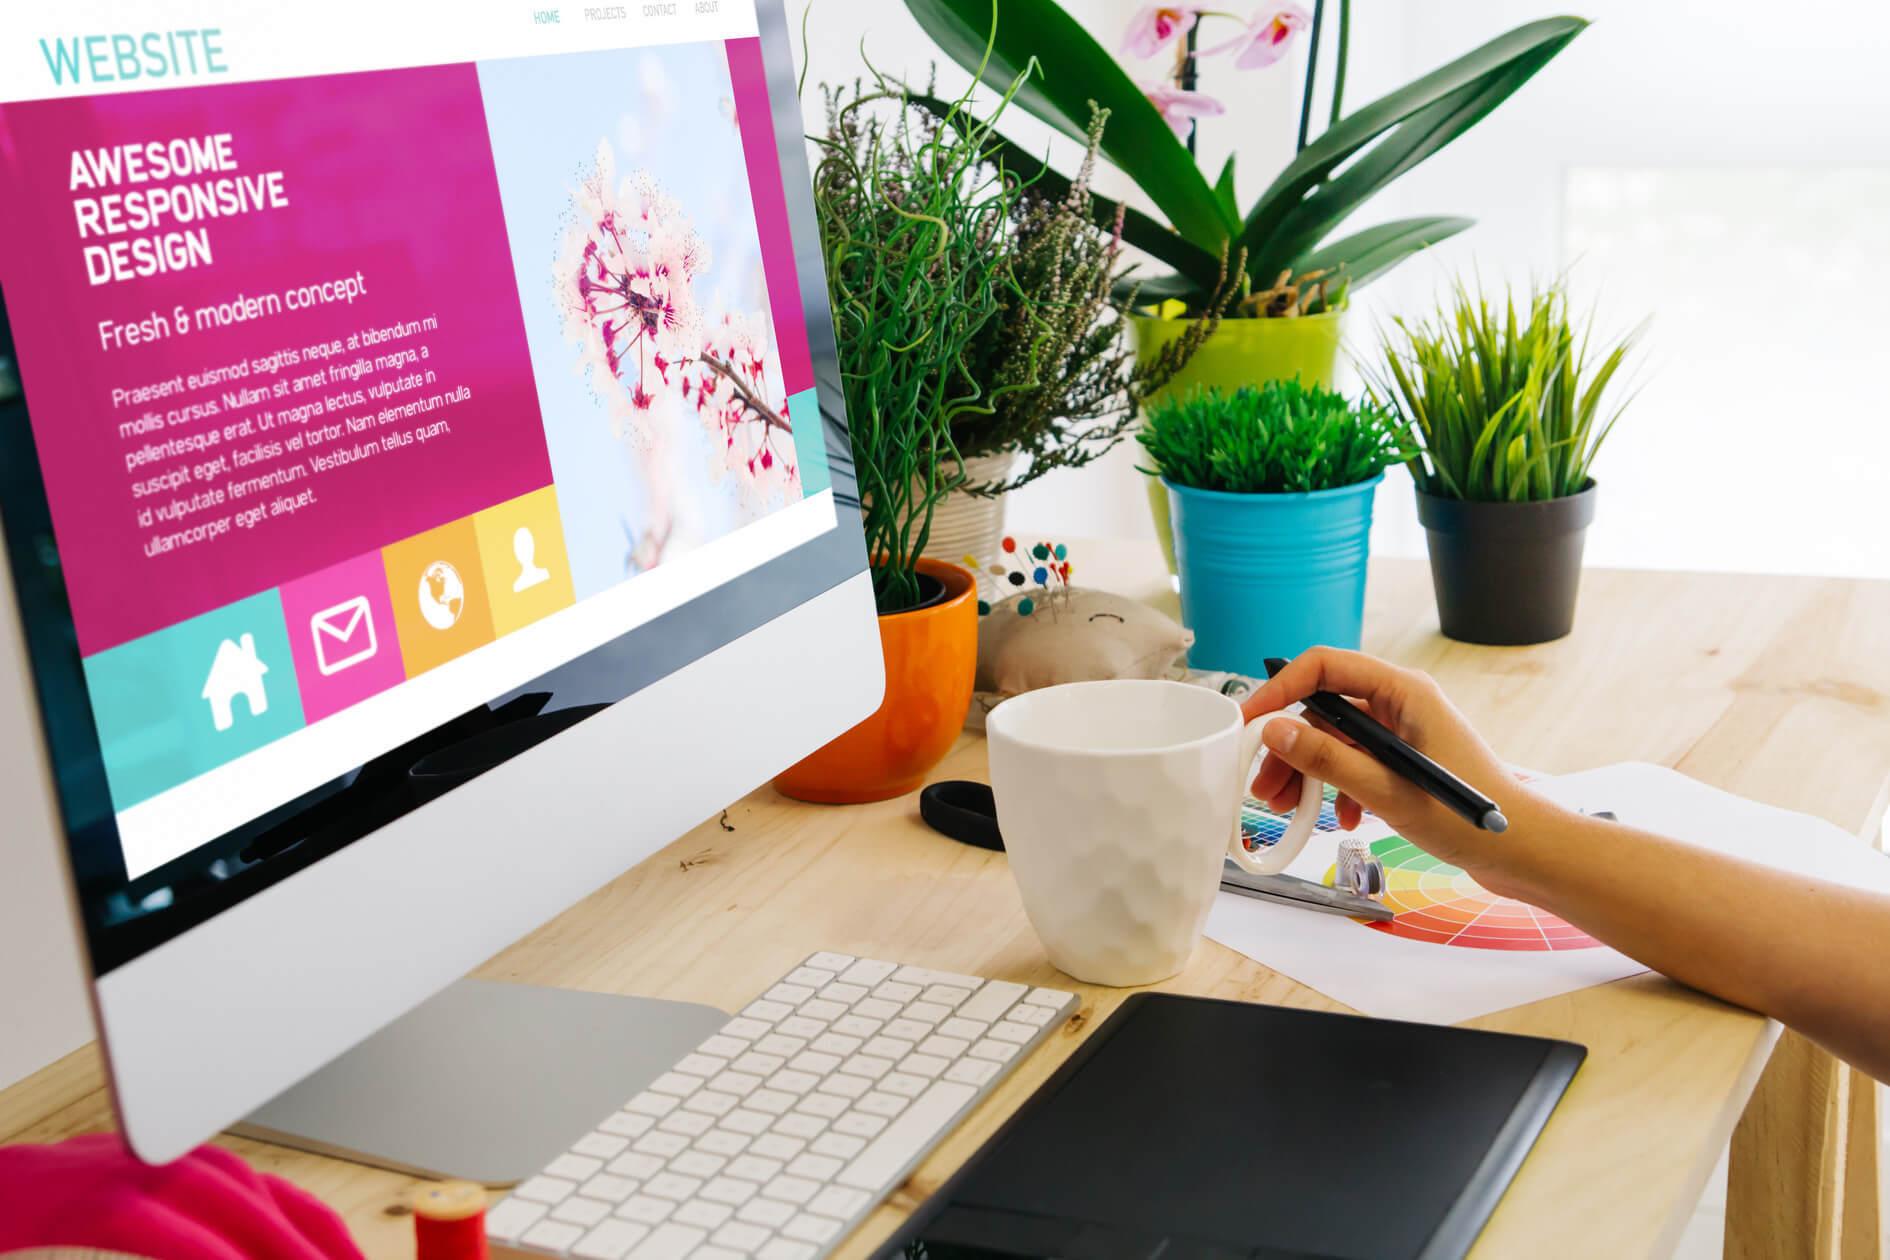 未経験からのWebデザイナー転職を有利にする資格4選